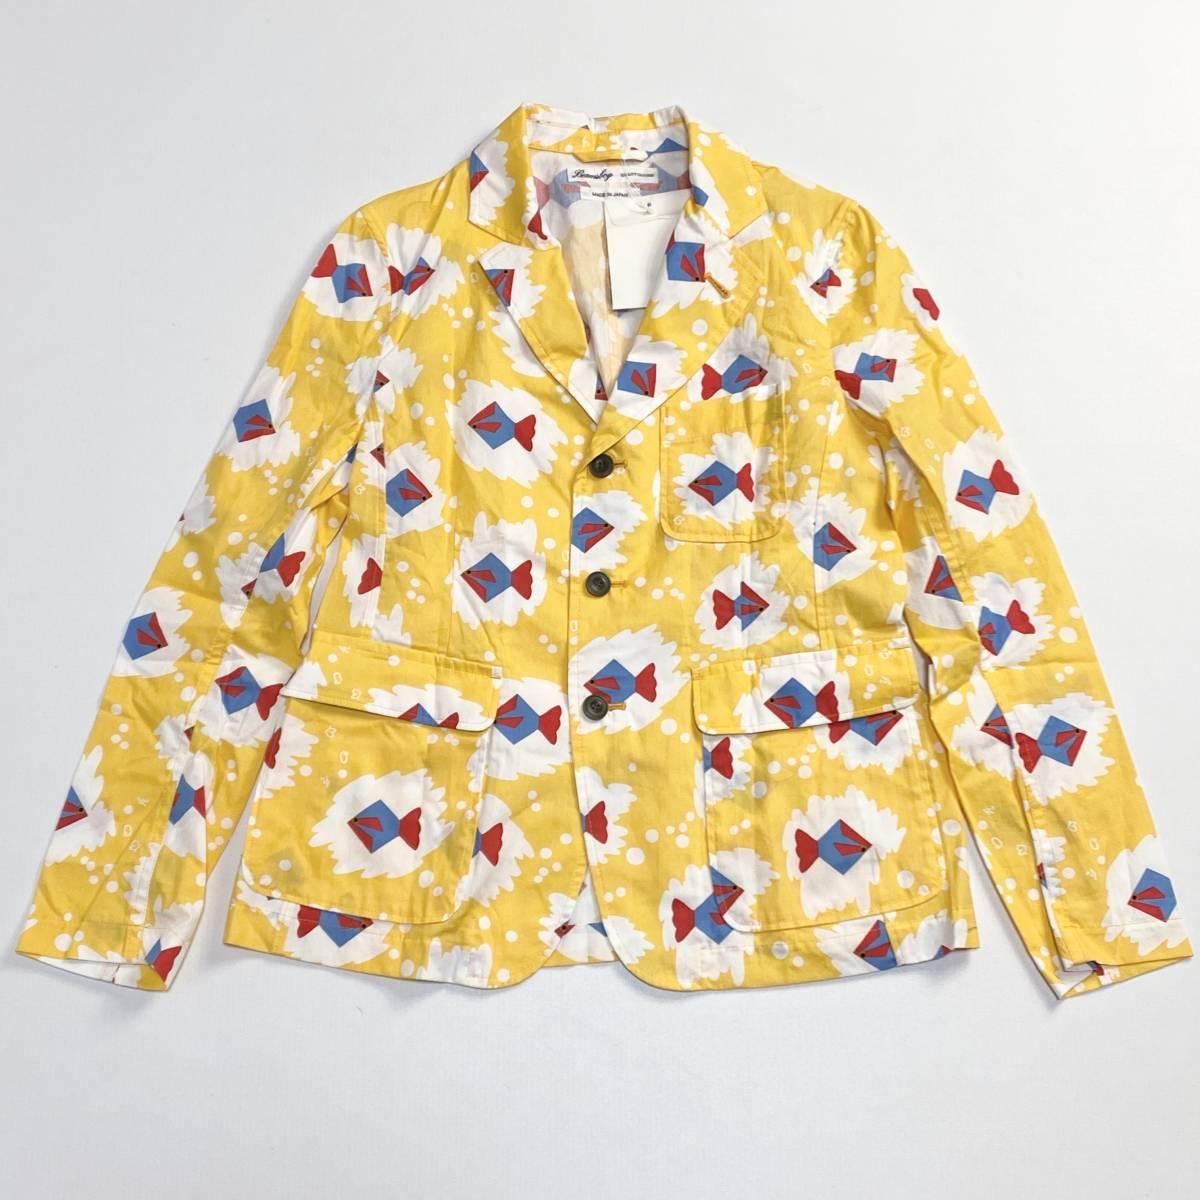 美品 BEAMS BOY ビームスボーイ 魚柄 コットン ジャケット ワンサイズ イエロー レディース 日本製 20-0909-273